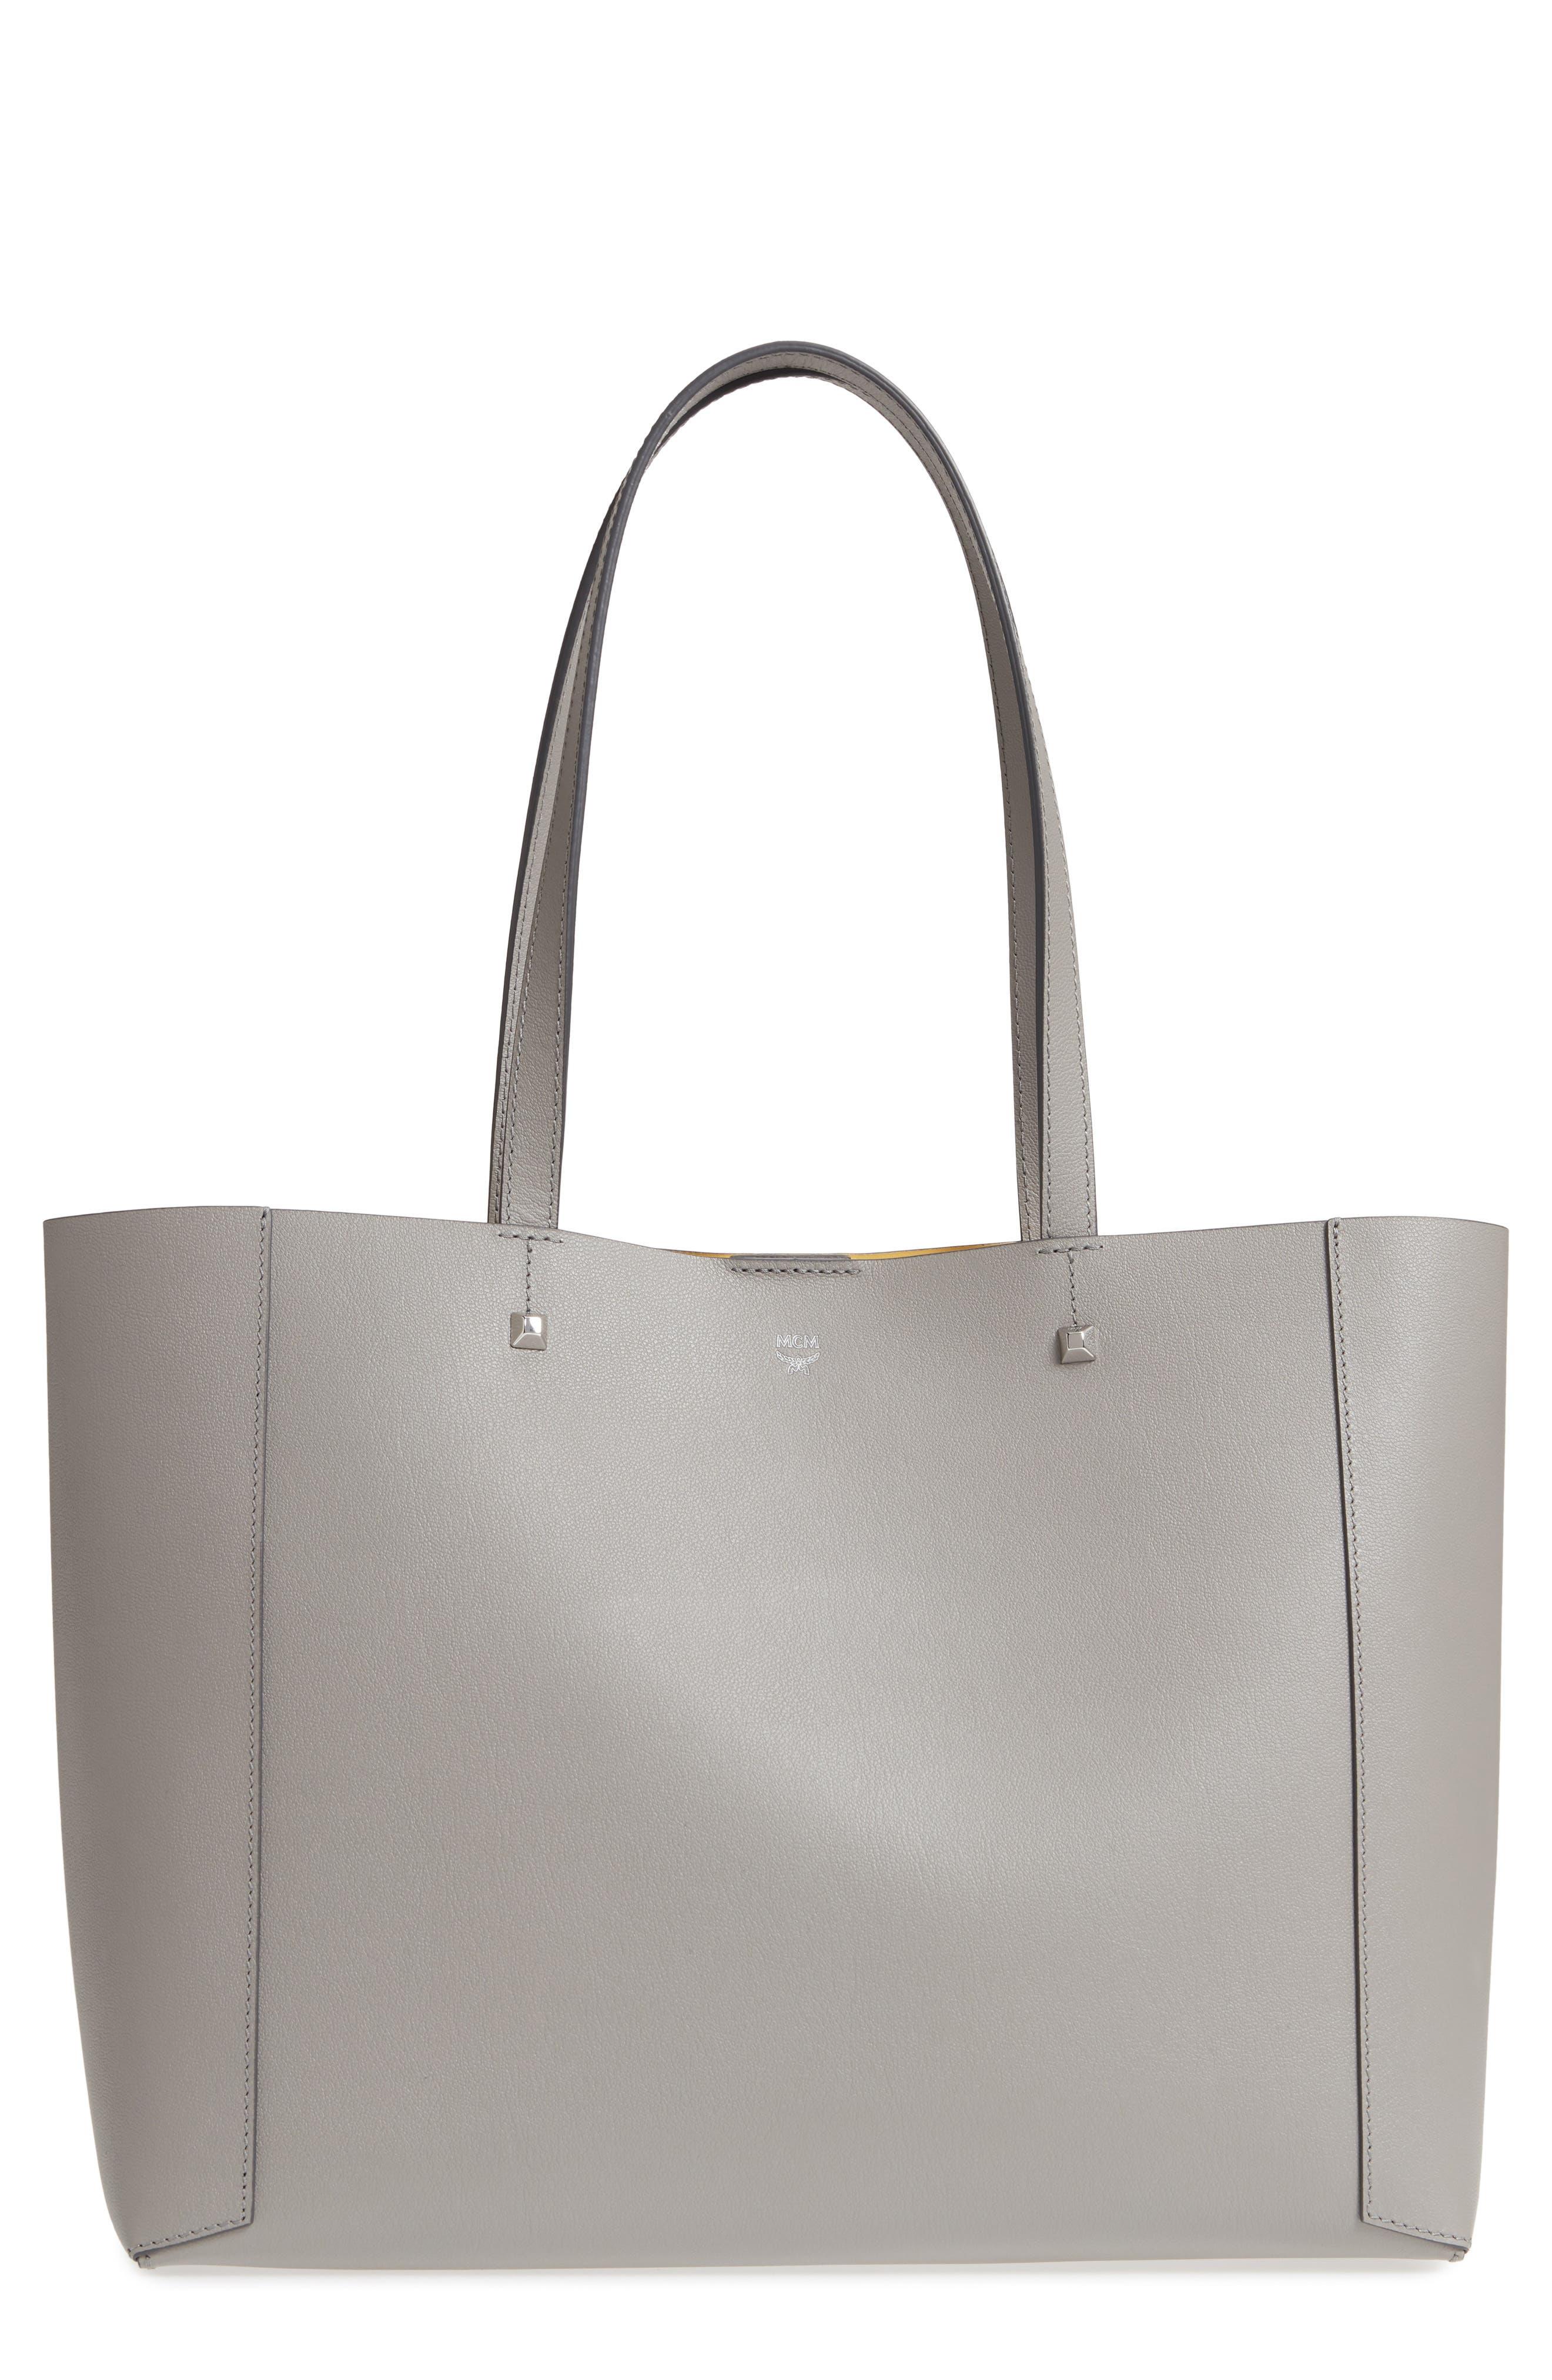 Ilse East/West Leather Shopper,                             Main thumbnail 1, color,                             Arch Grey